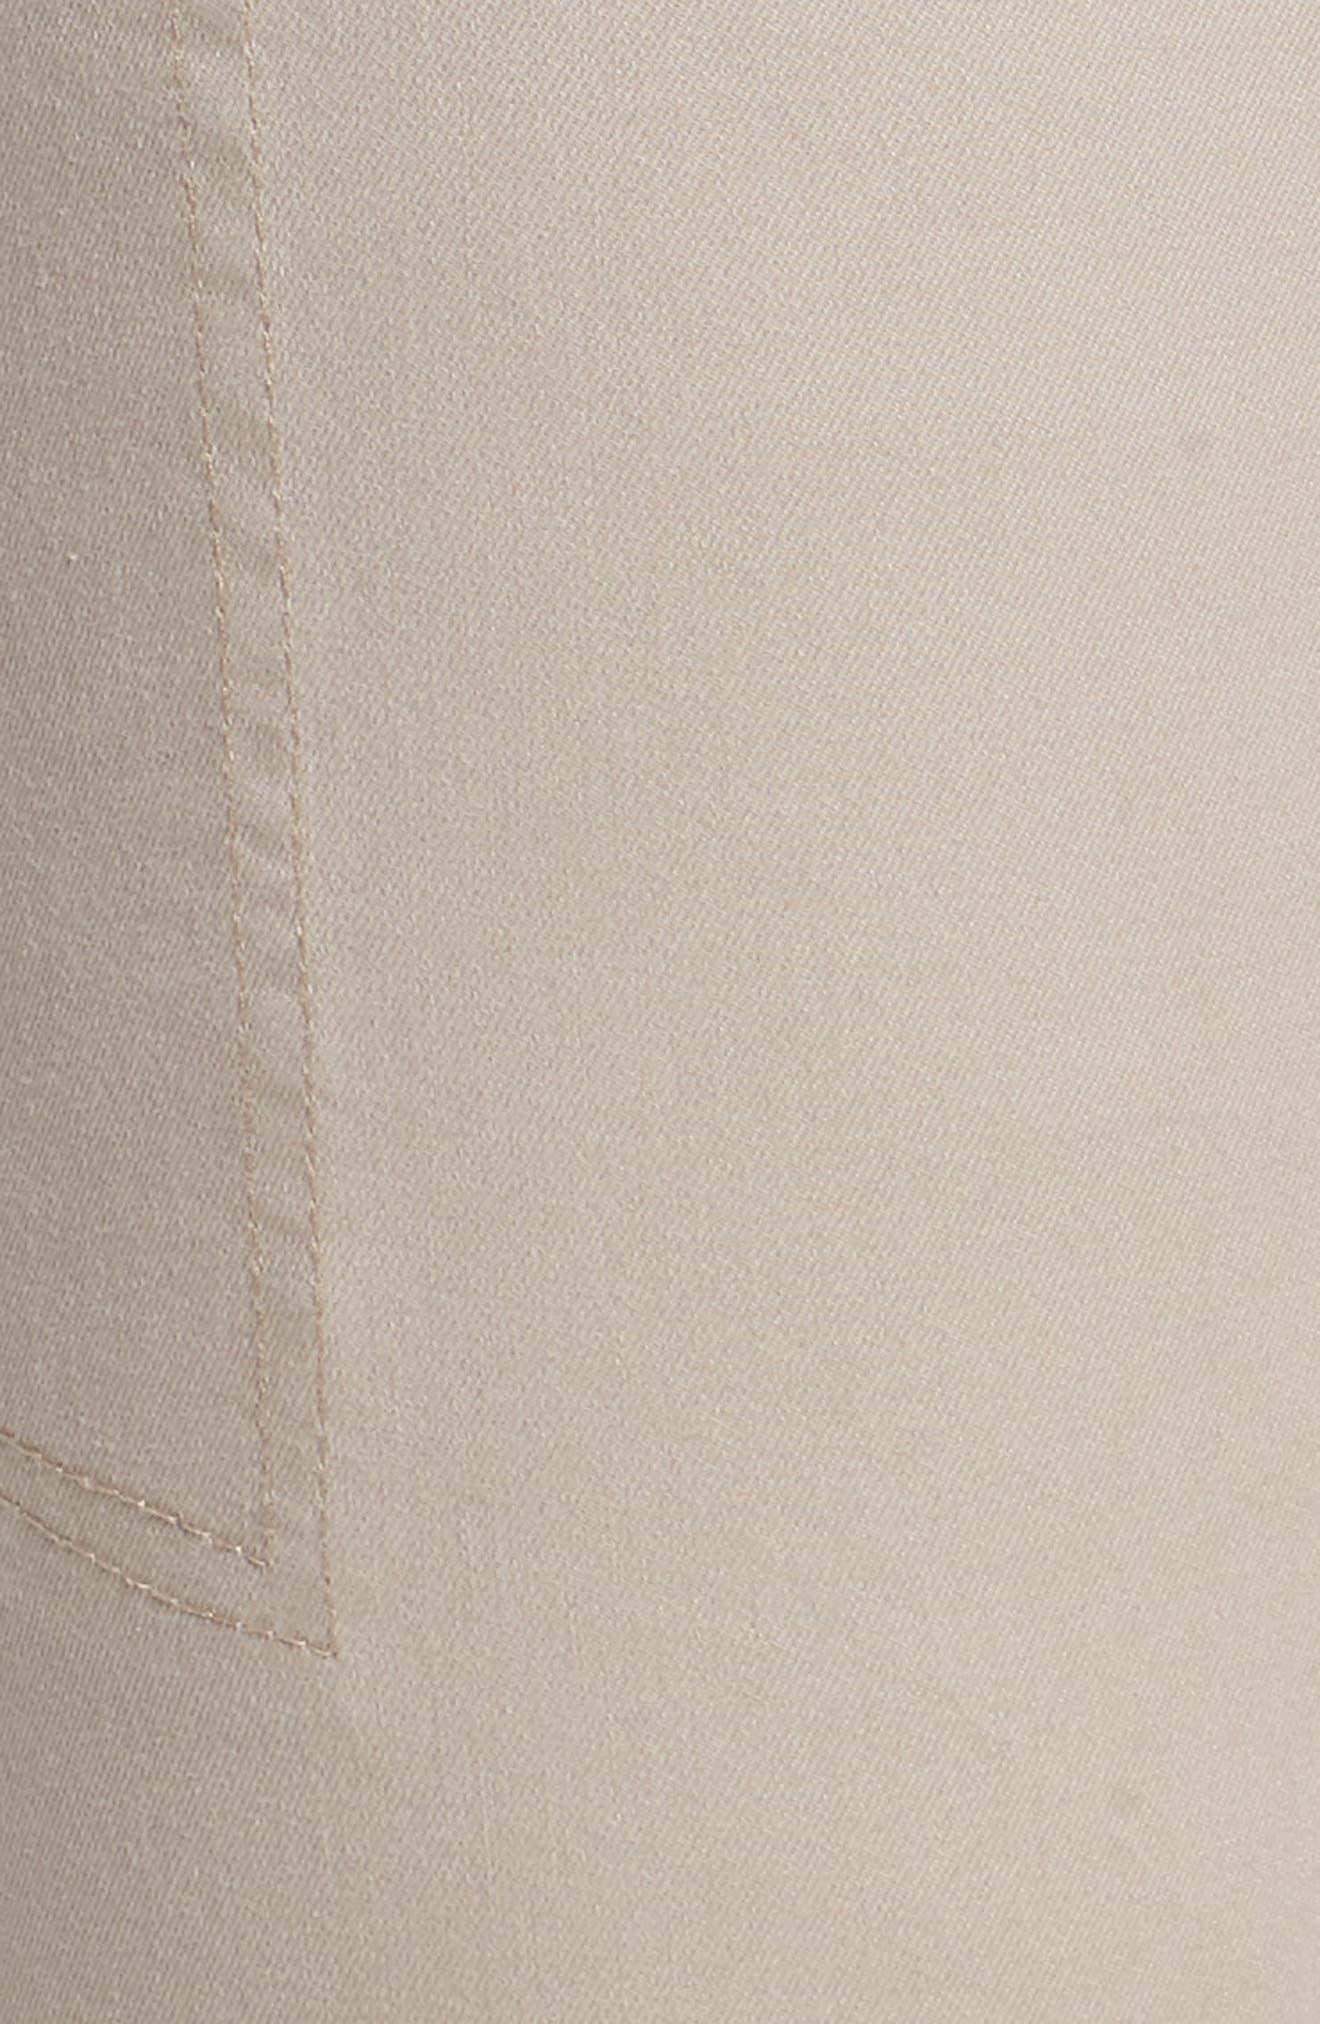 Flex-ellent Stretch Cotton Cargo Pants,                             Alternate thumbnail 6, color,                             FLAX